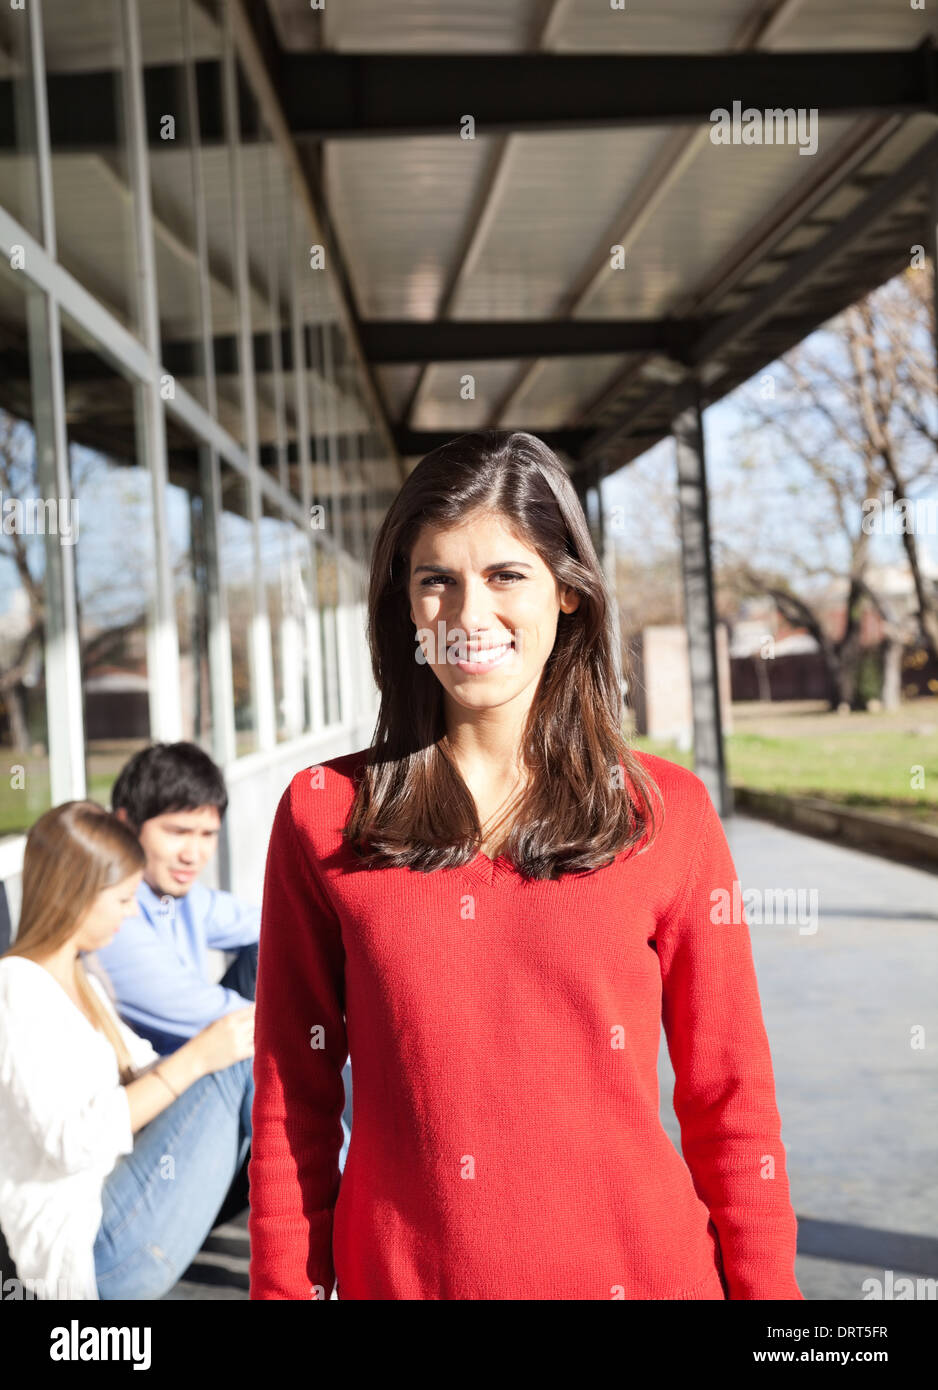 Frau lächelnd mit Studenten im Hintergrund auf dem Campus Stockbild